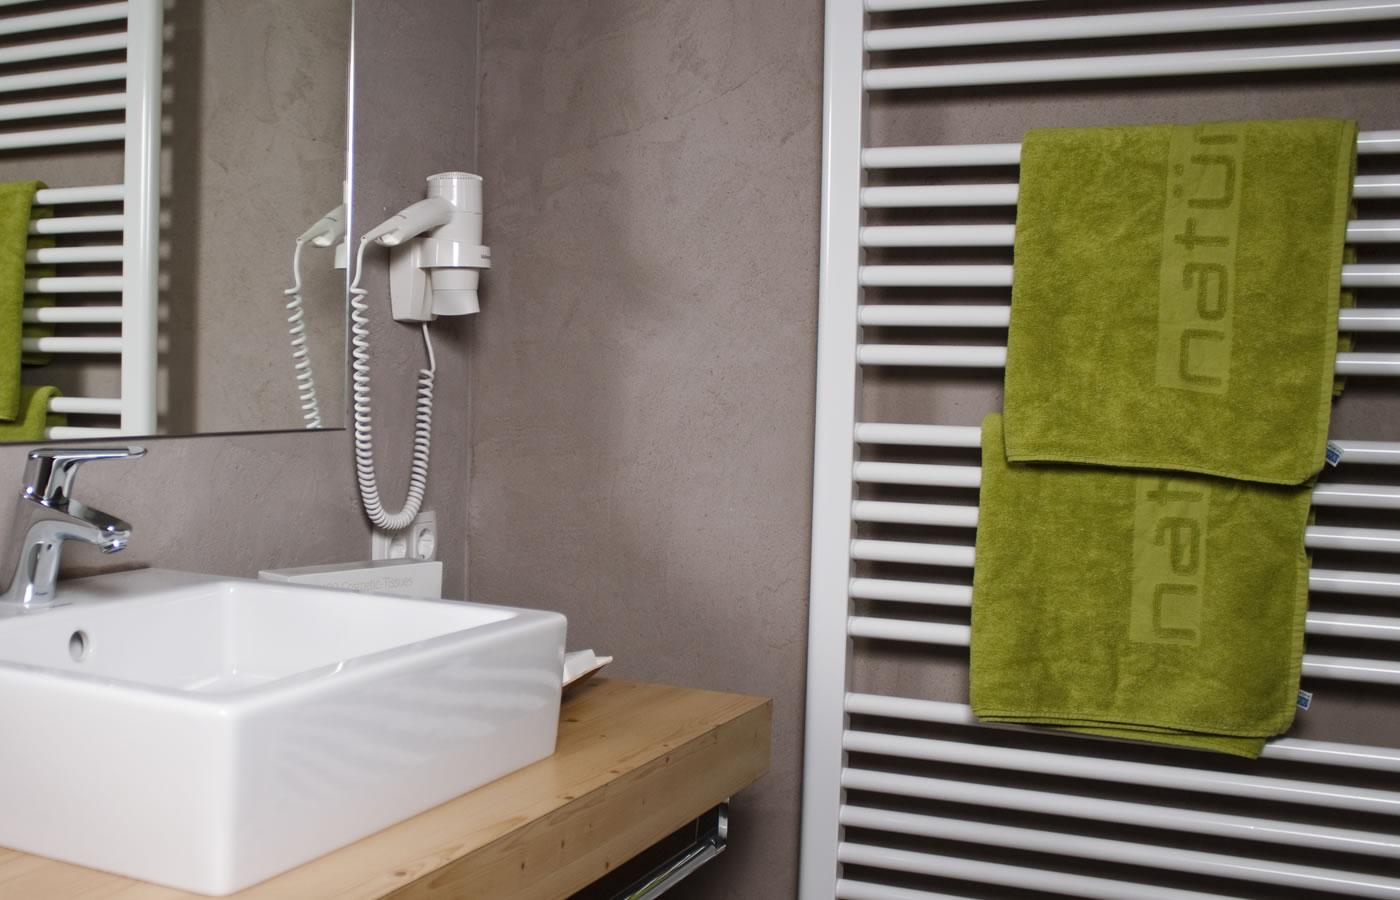 Badezimmer im Natürlich. Sommer 4 Sterne Urlaub in Österreich.